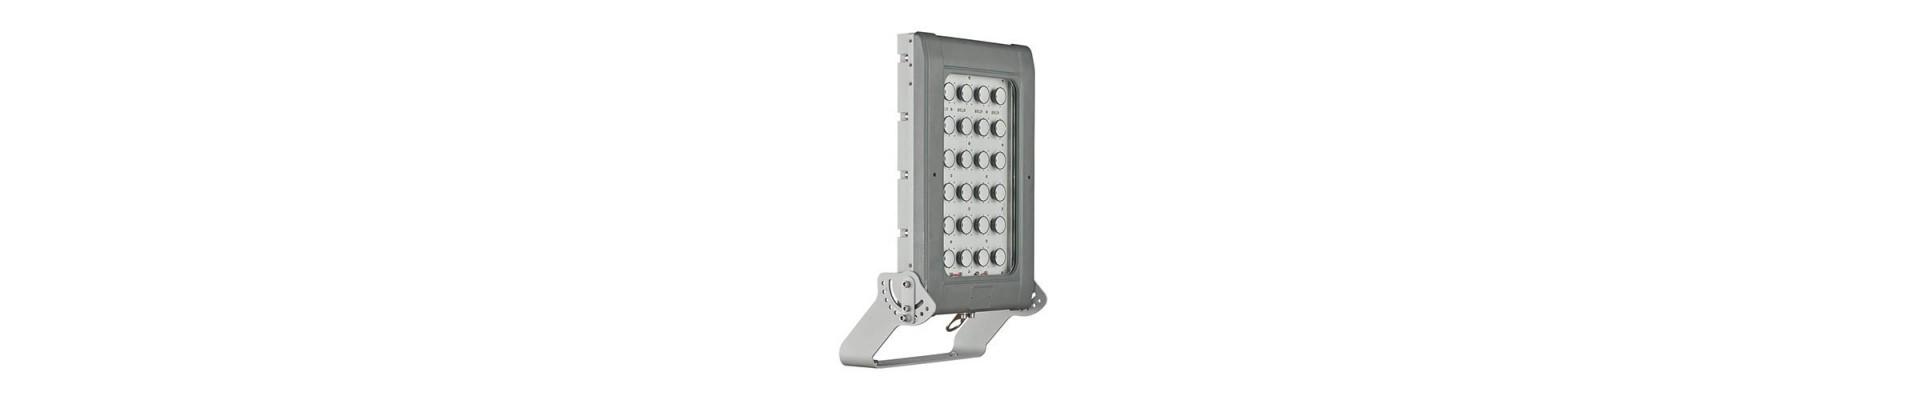 Avertisseur sonore ATEX  : sirène électronique - A2S